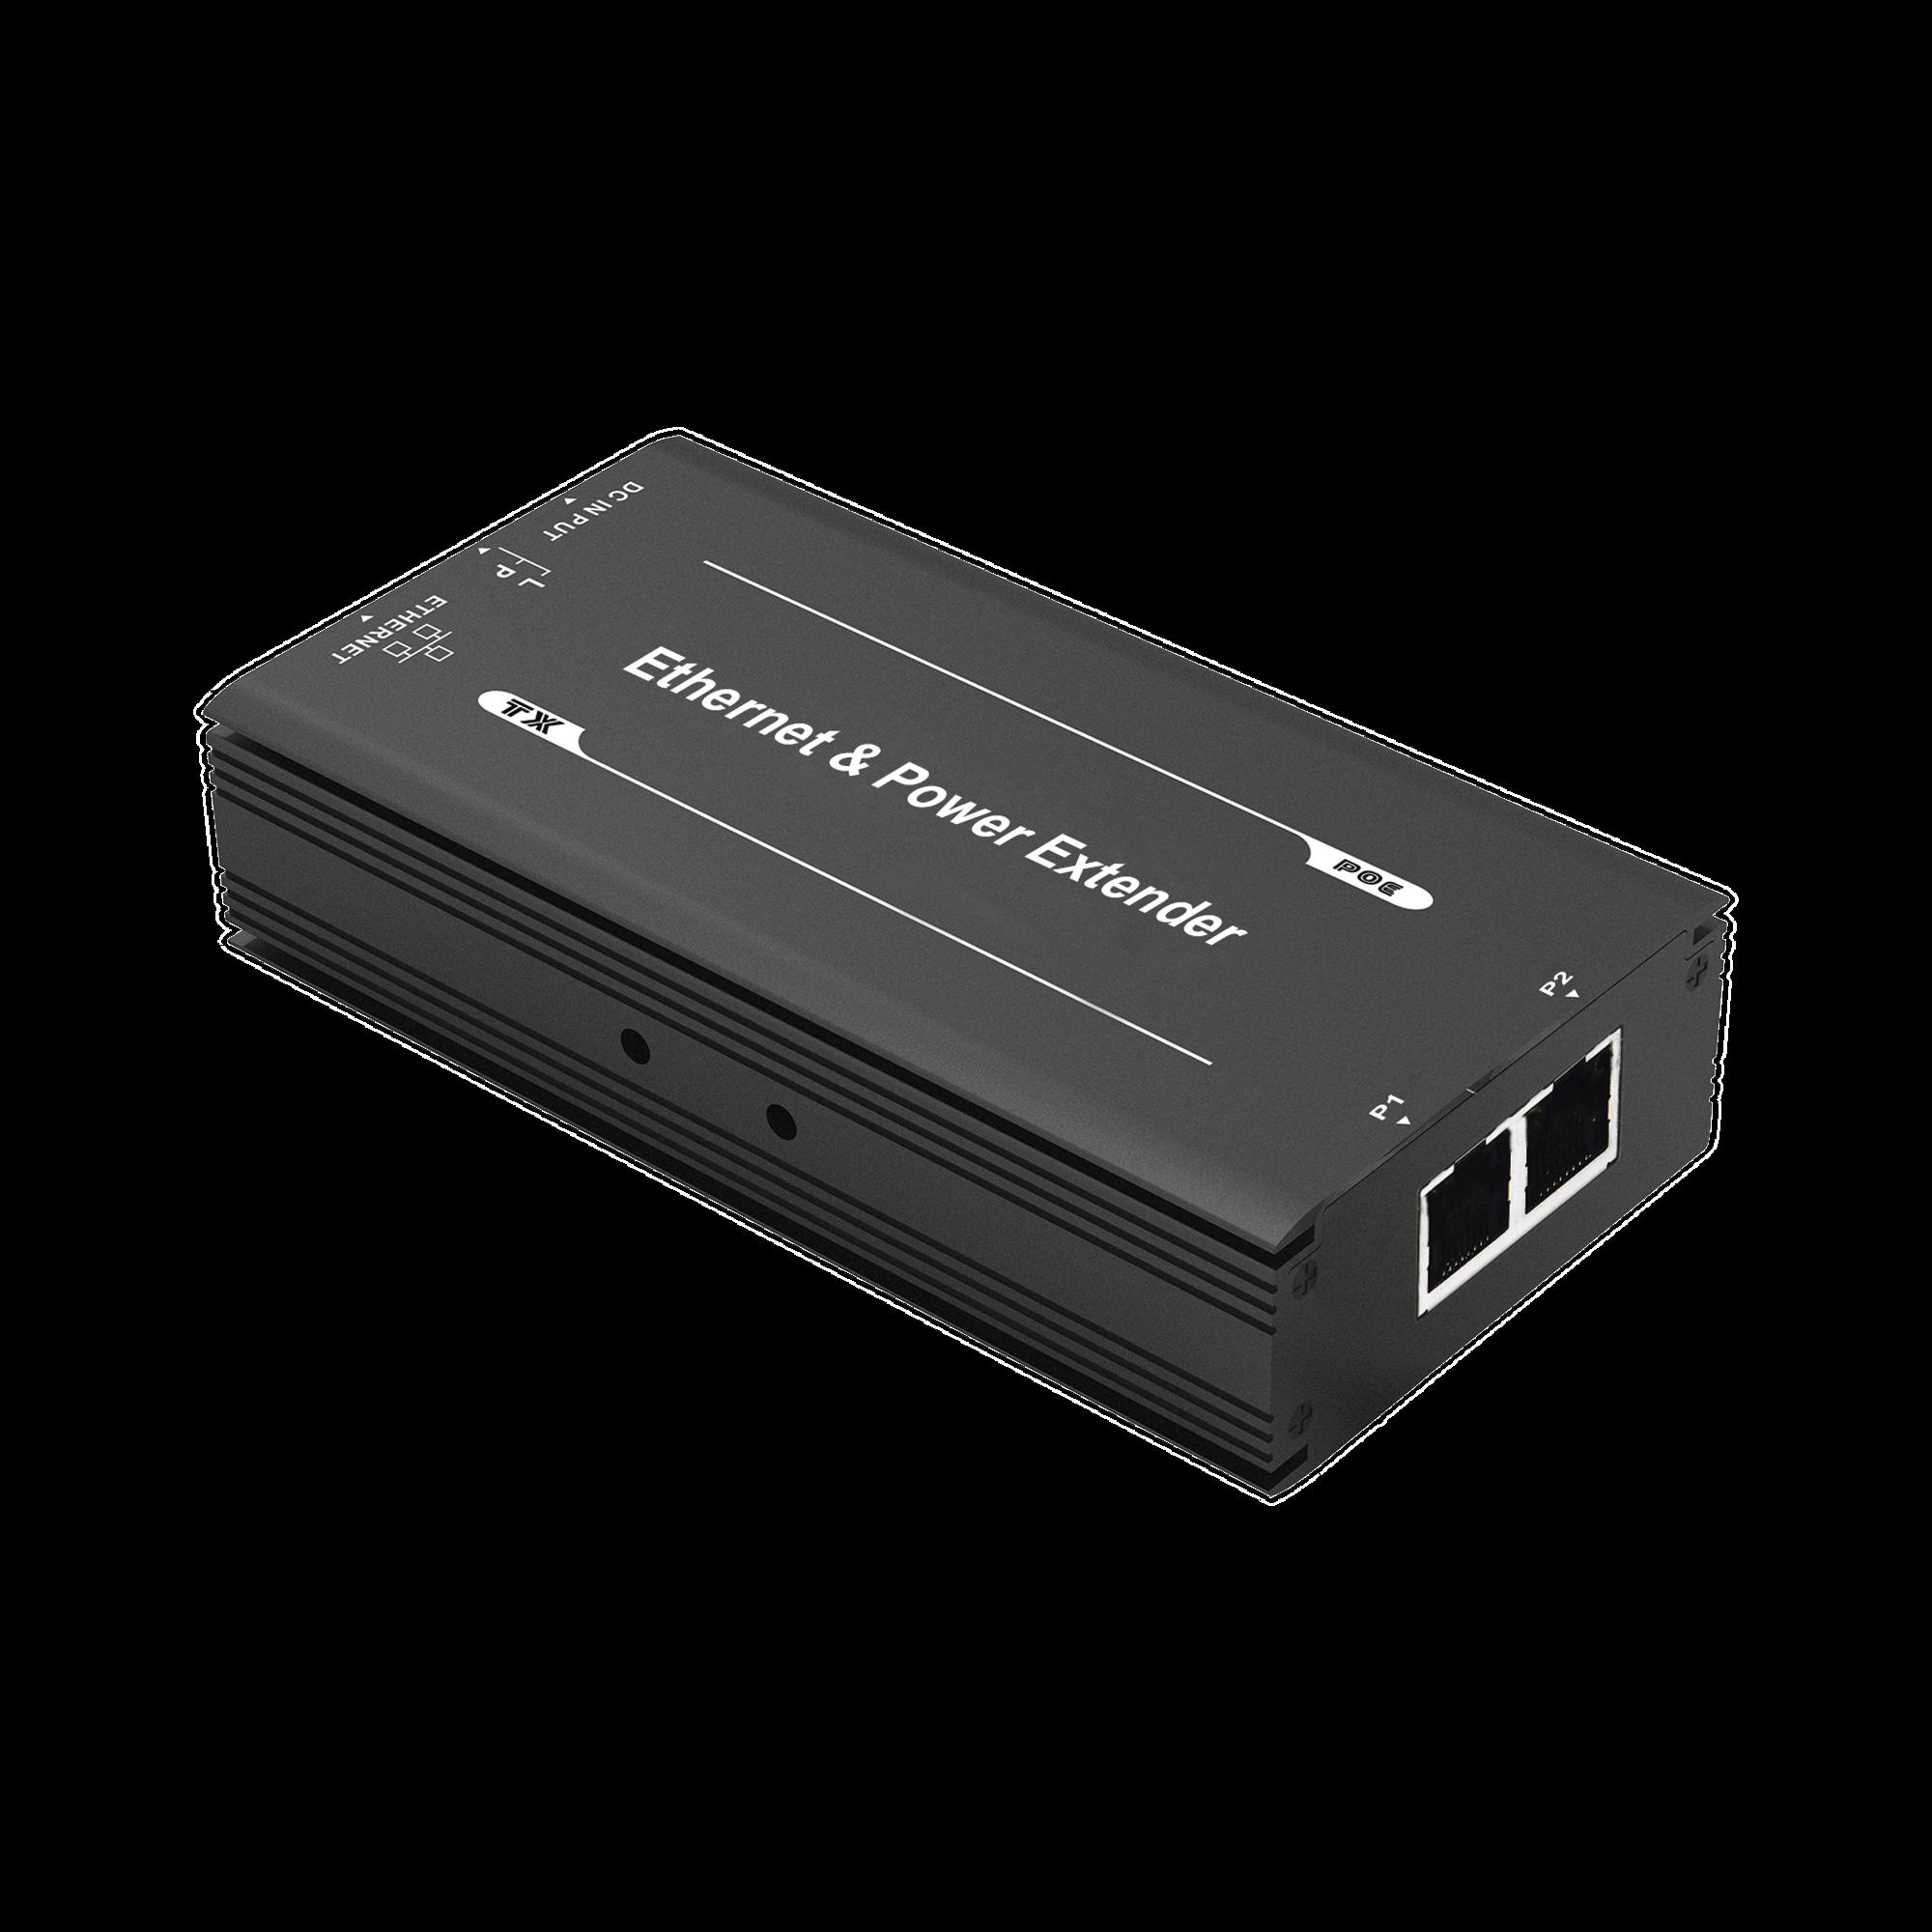 (POE 600 METROS) Receptor Extensor PoE 1 puerto para recepción de video y alimentación para cámaras y domos IP hasta 600 metros